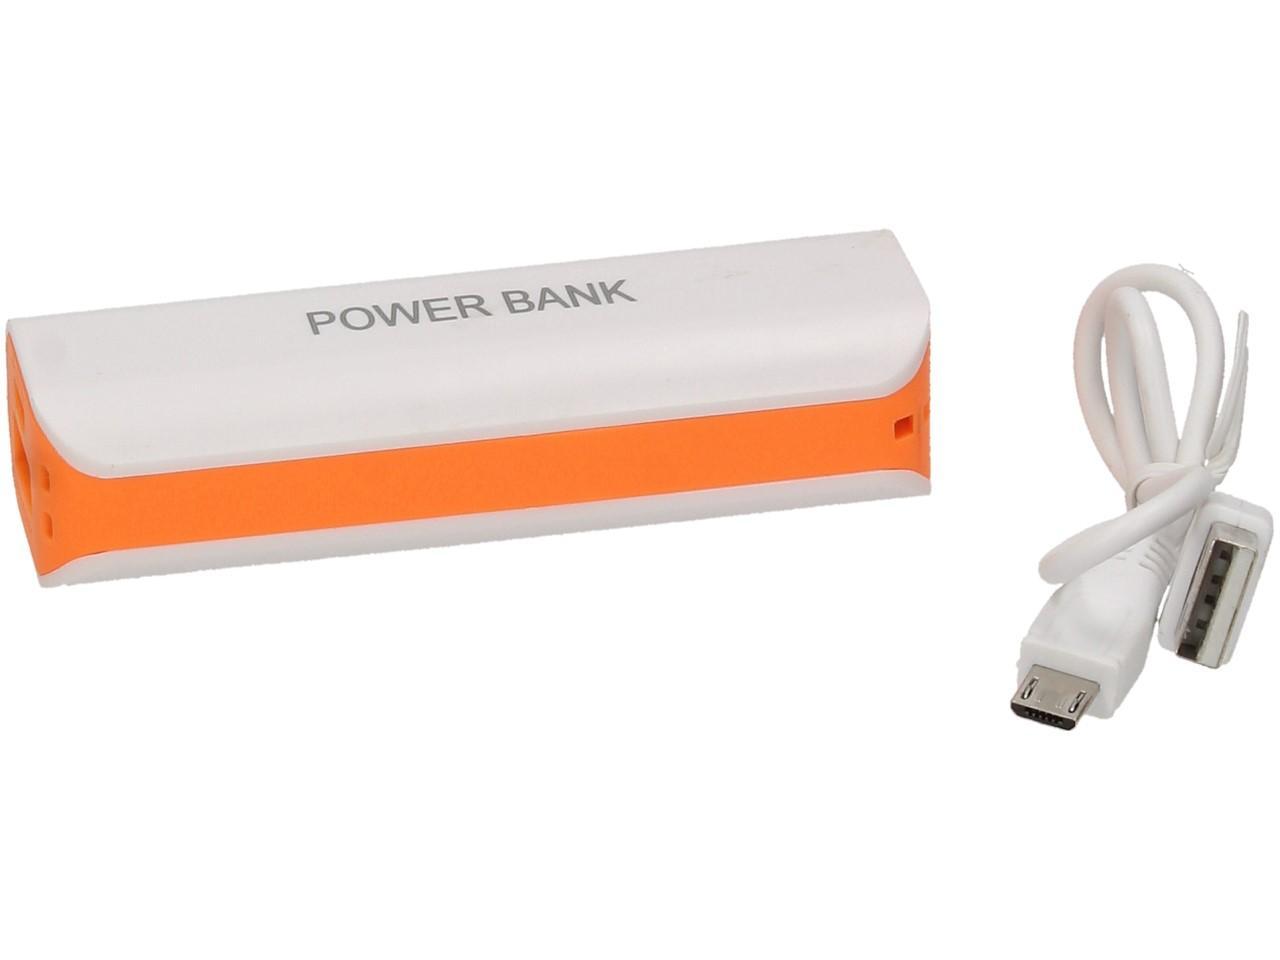 Foto 19 - Výkonná přenosná USB nabíječka Power Bank 5600mAh